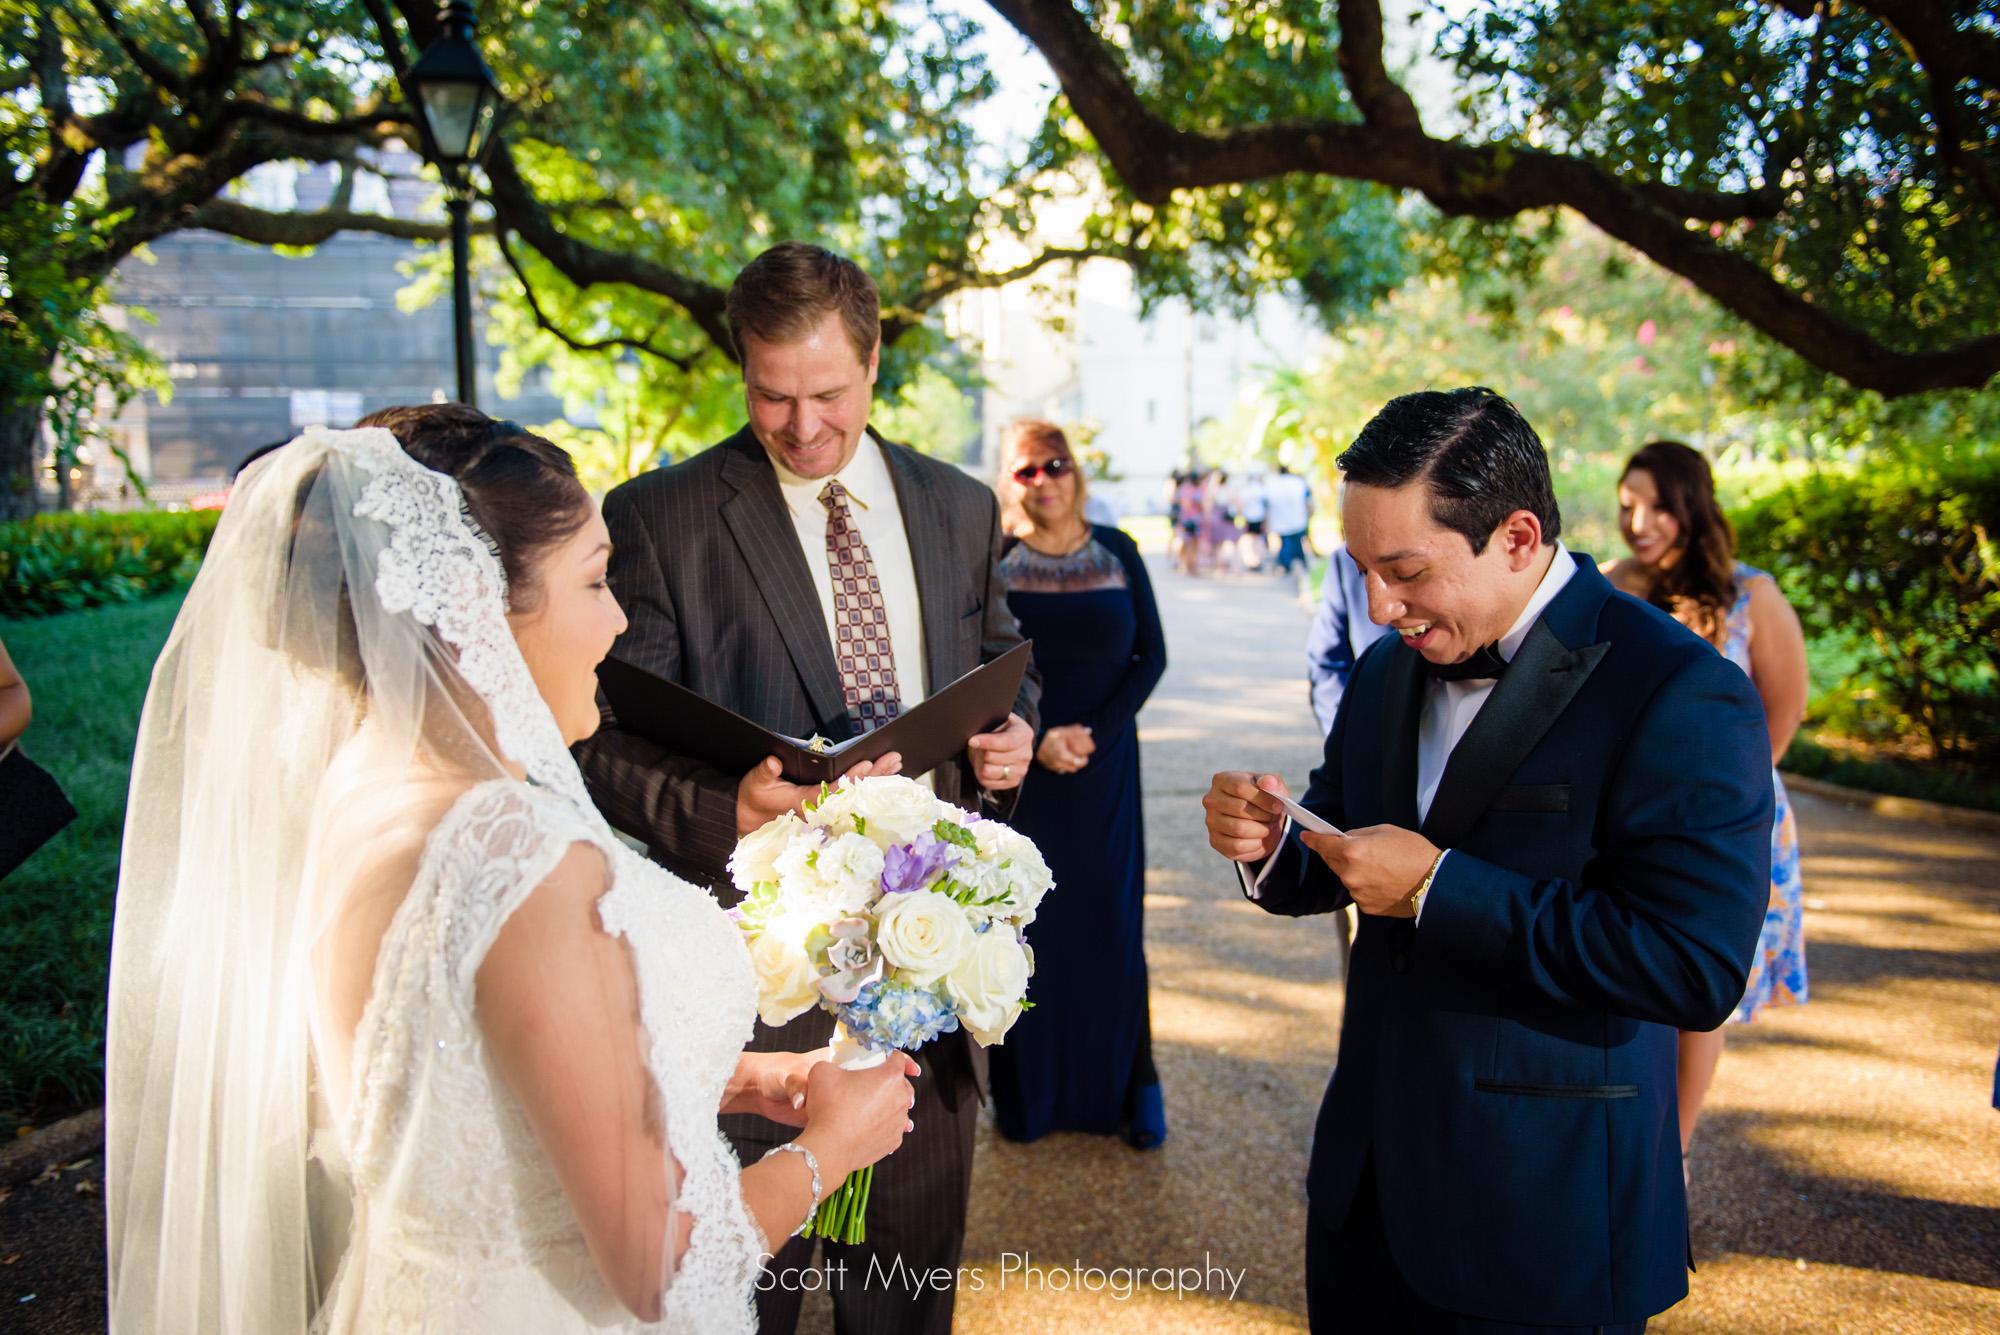 Scott_Myers_Wedding_New_Orleans_022.jpg